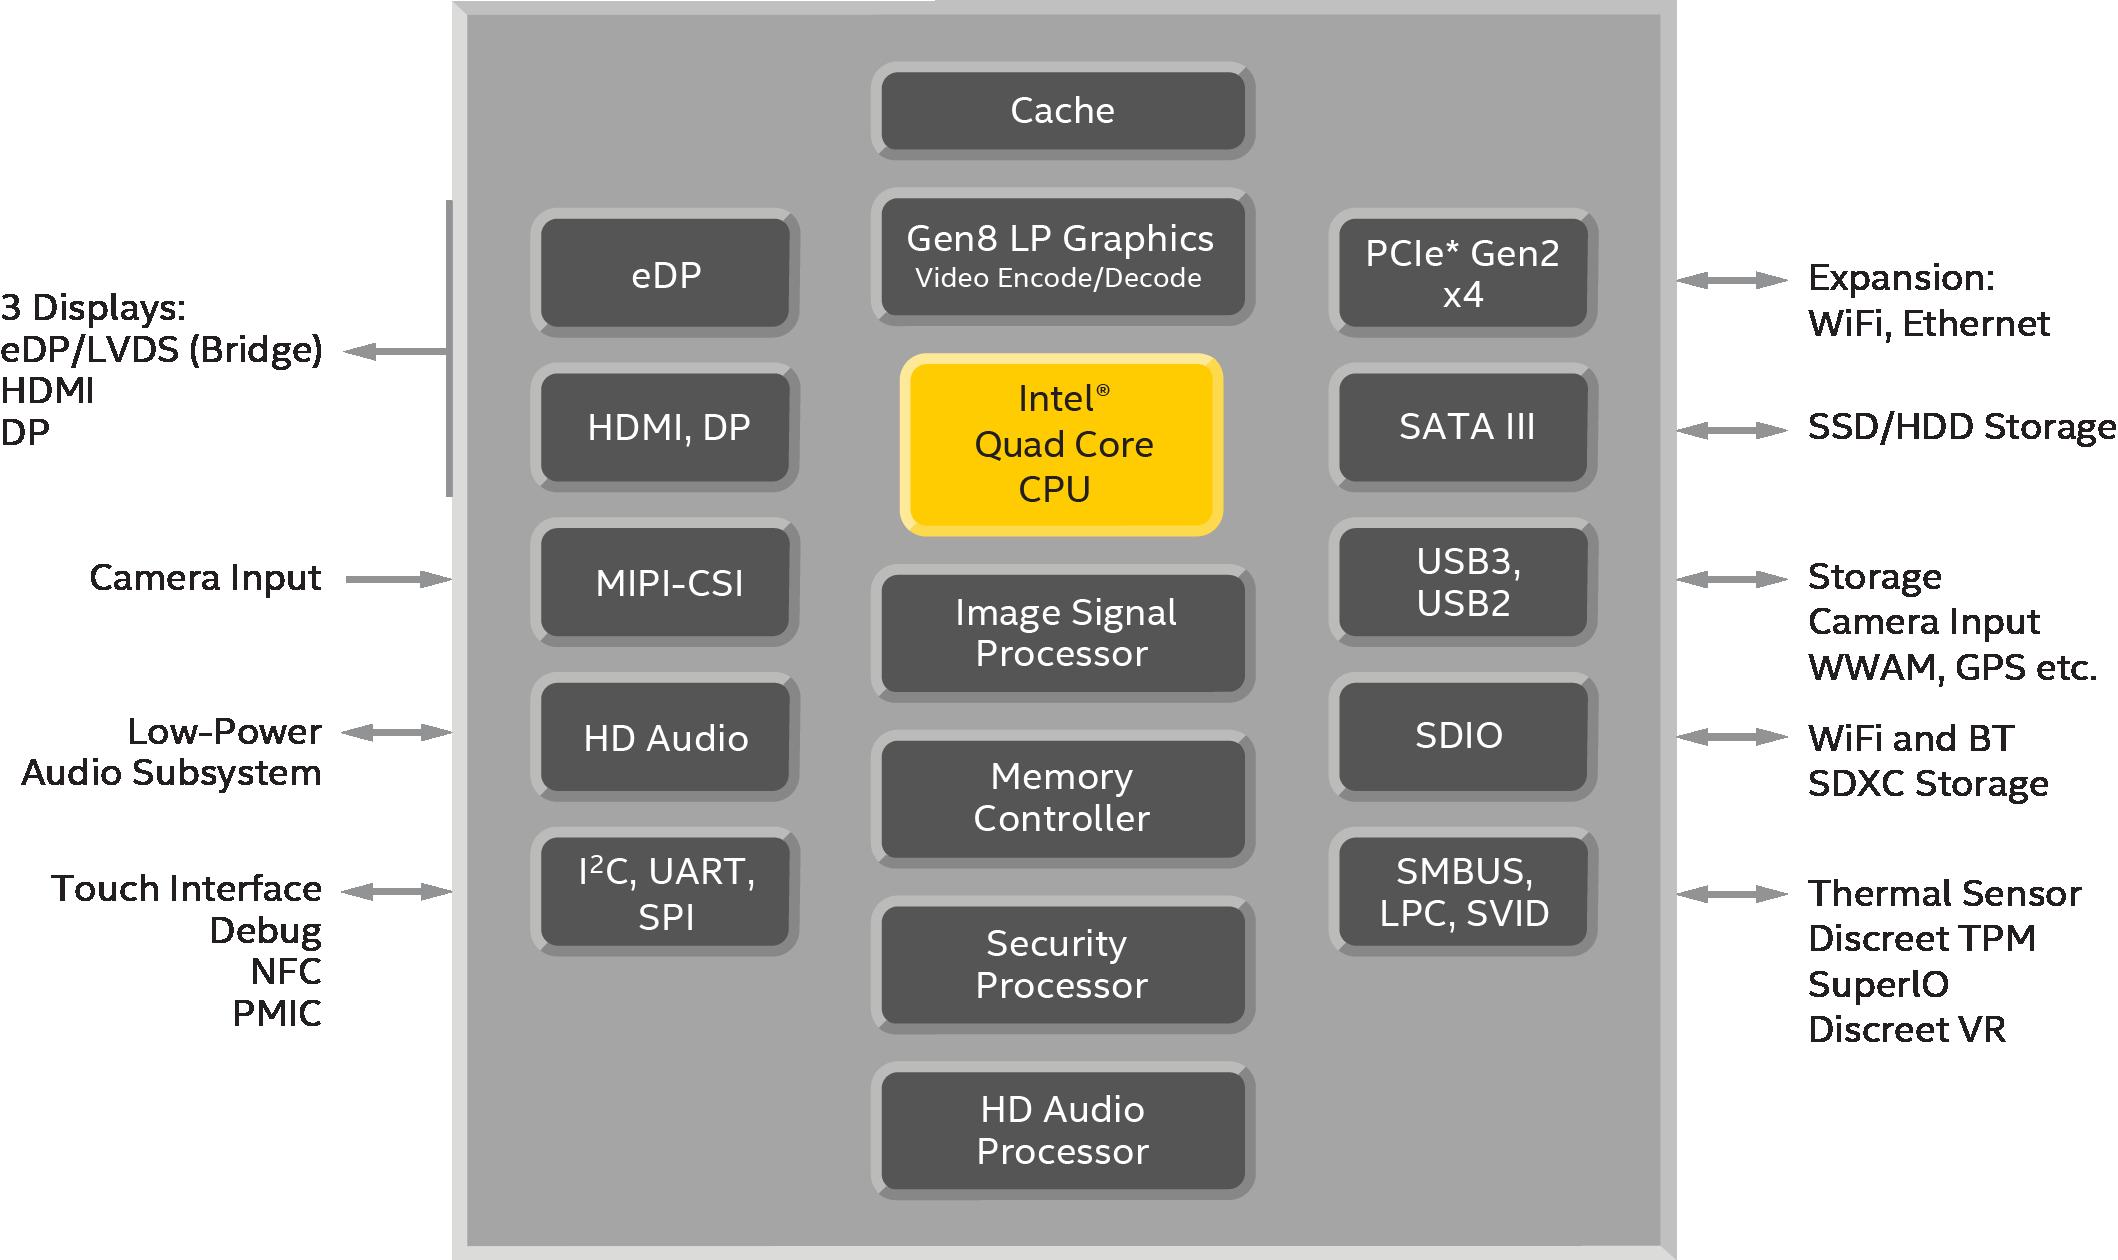 Intel pentium celeron atom processorsspecifications intel pentium and celeron processor n3000 block diagram ccuart Images